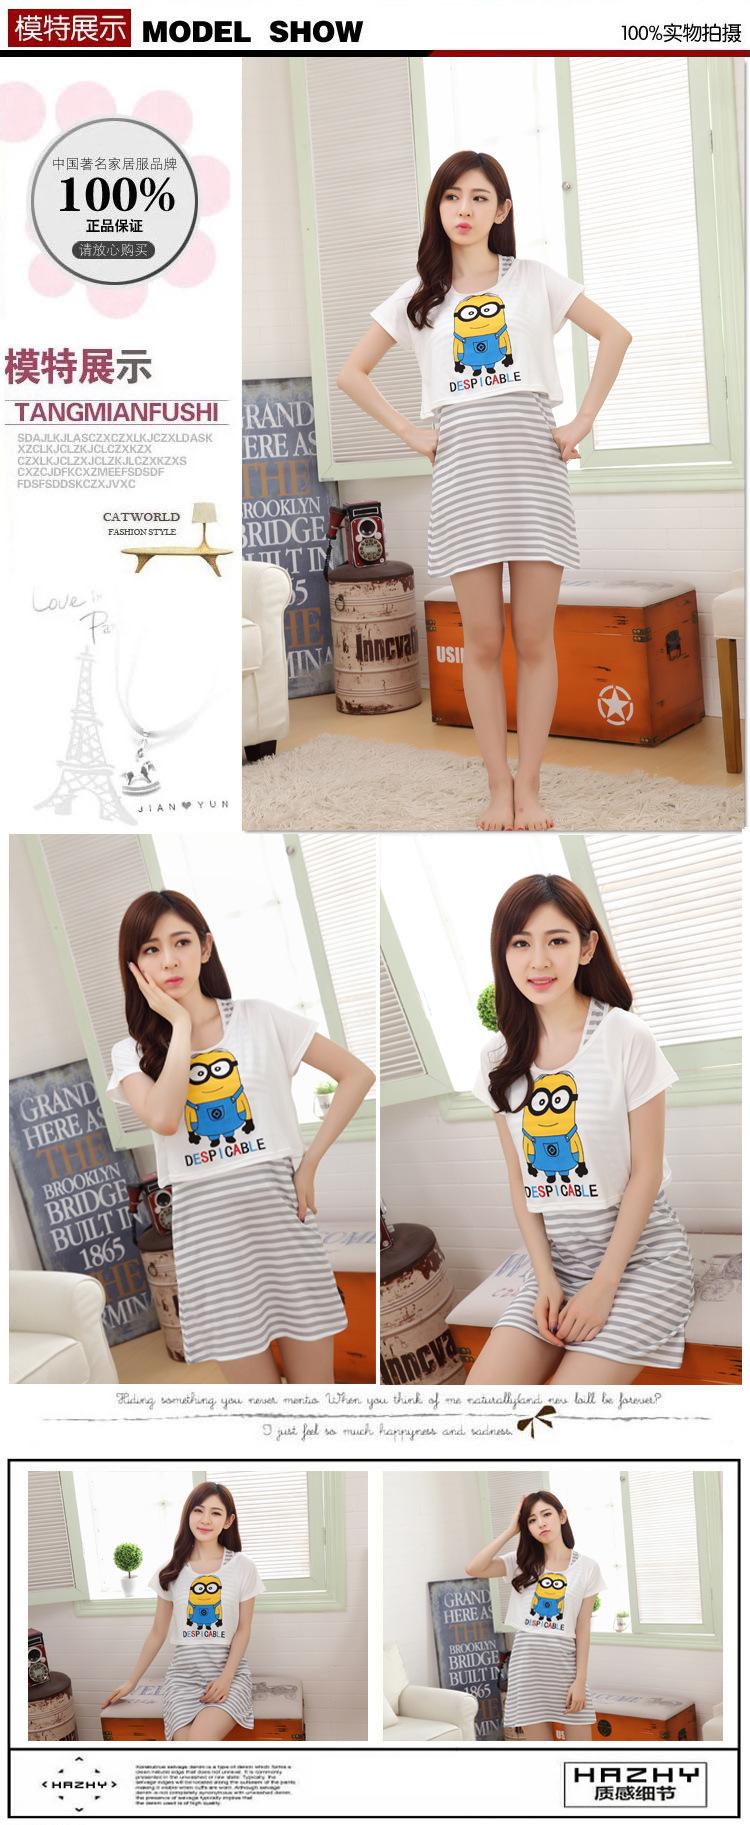 ชุดนอนน่ารัก ลายมินเนี่ยน กระโปรงแขนกุด+เสื้อคุลม